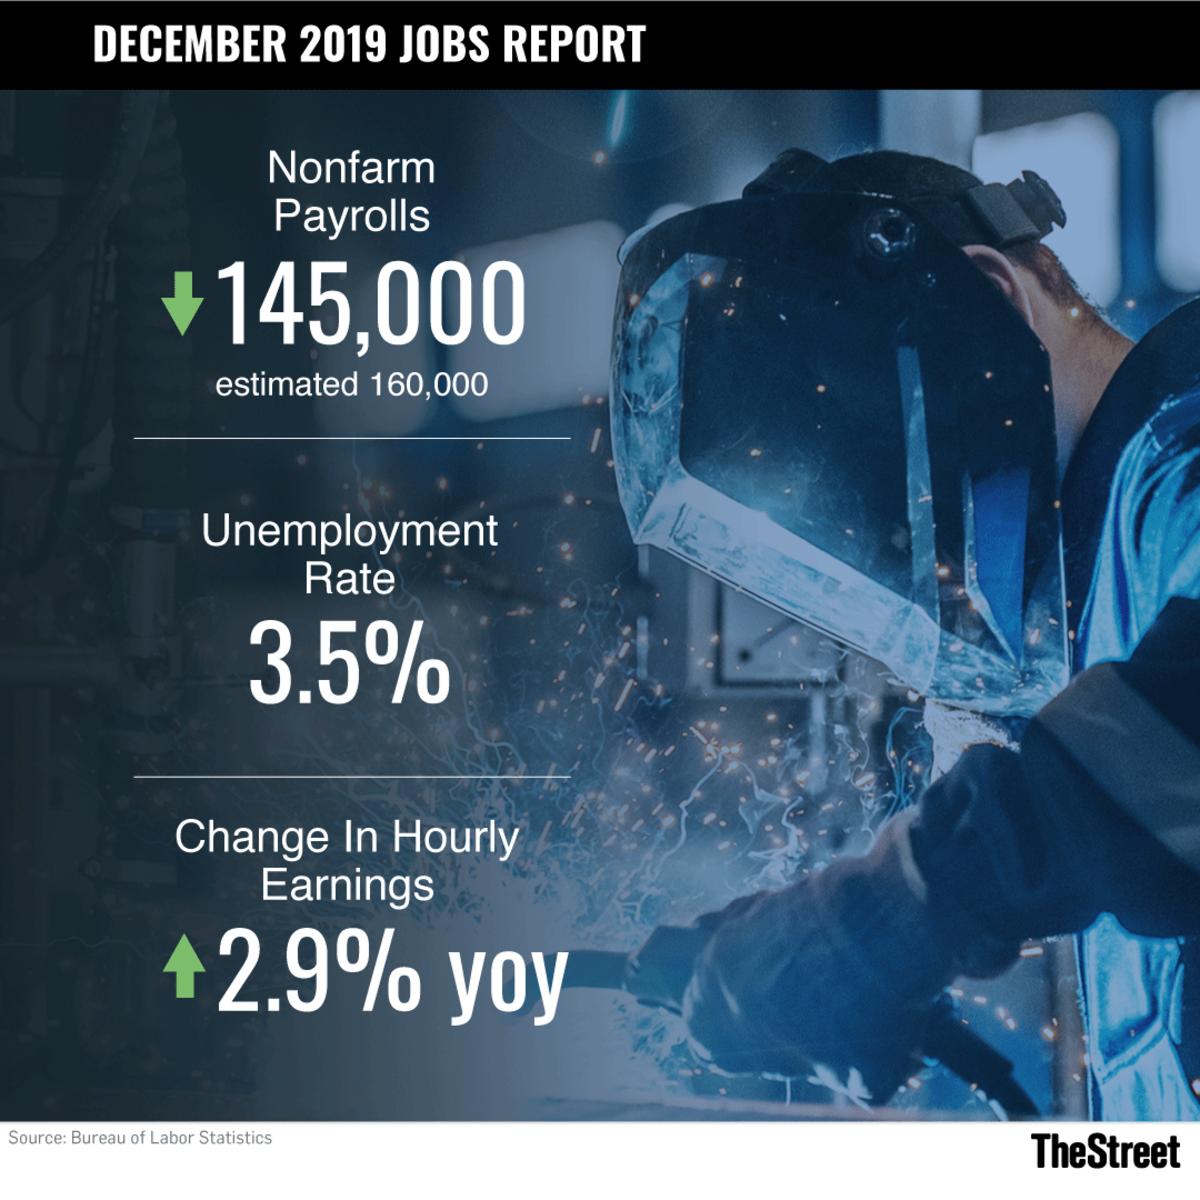 December 2019 Jobs Report